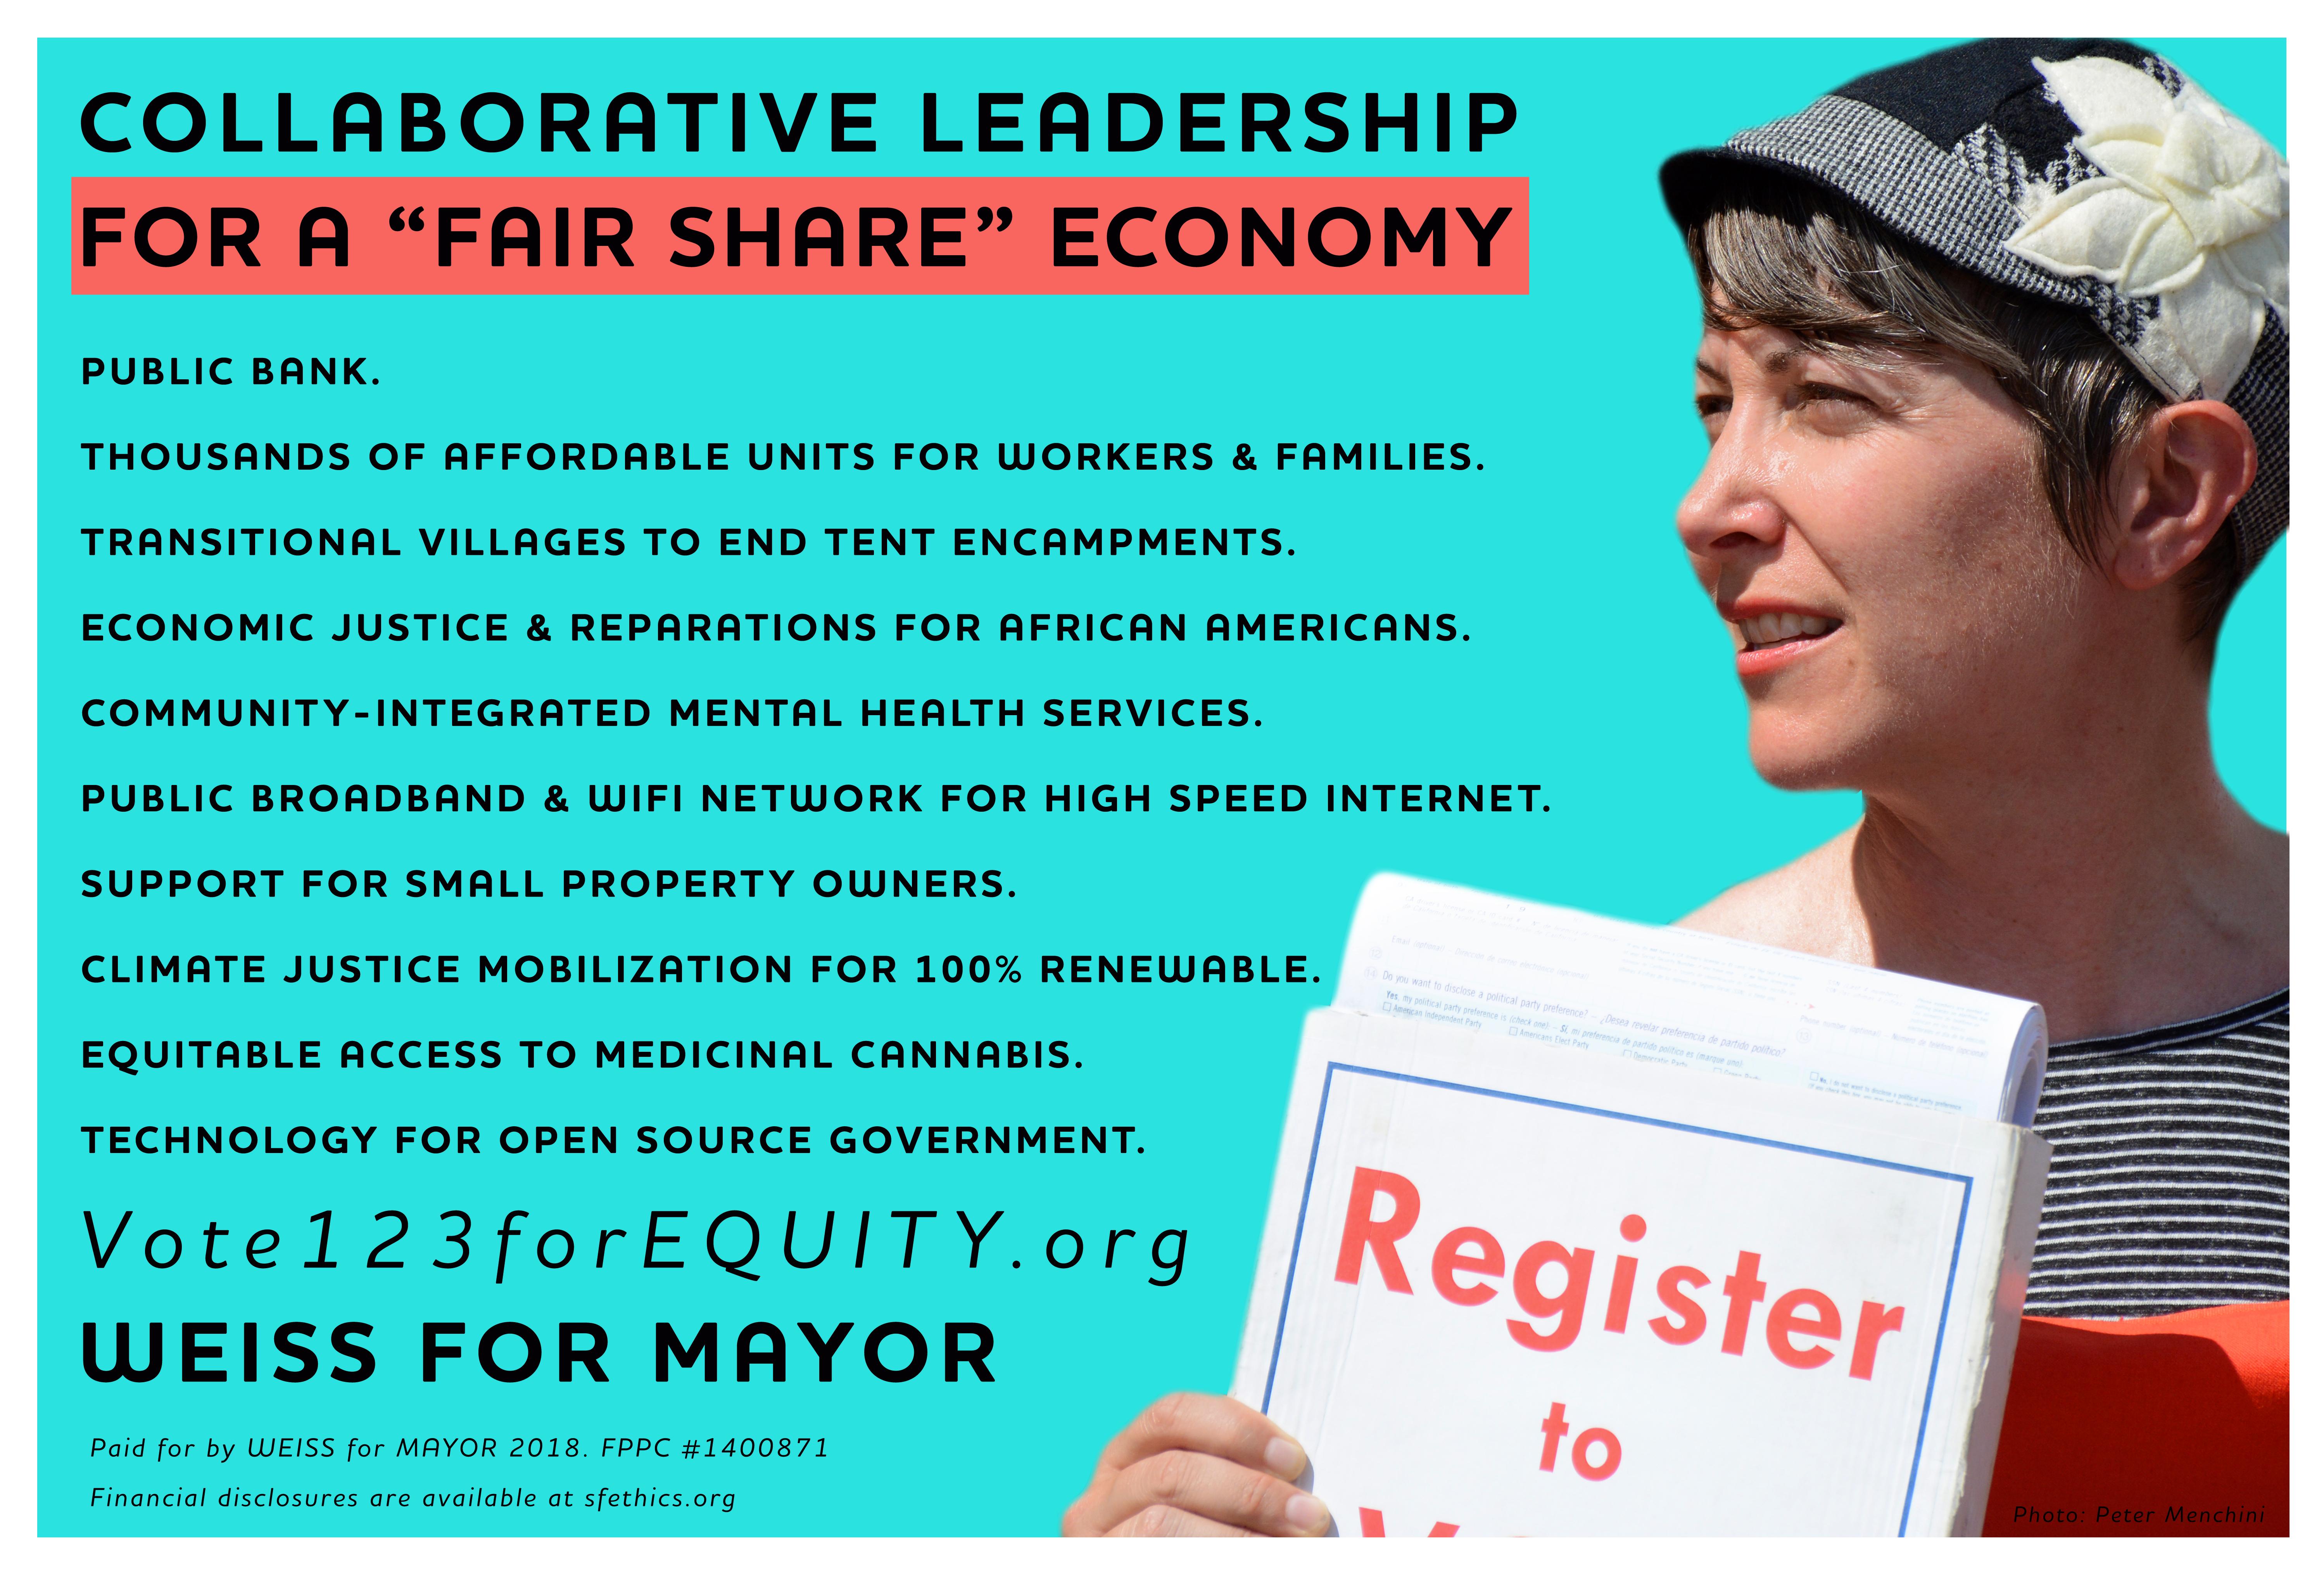 Platform for Equity